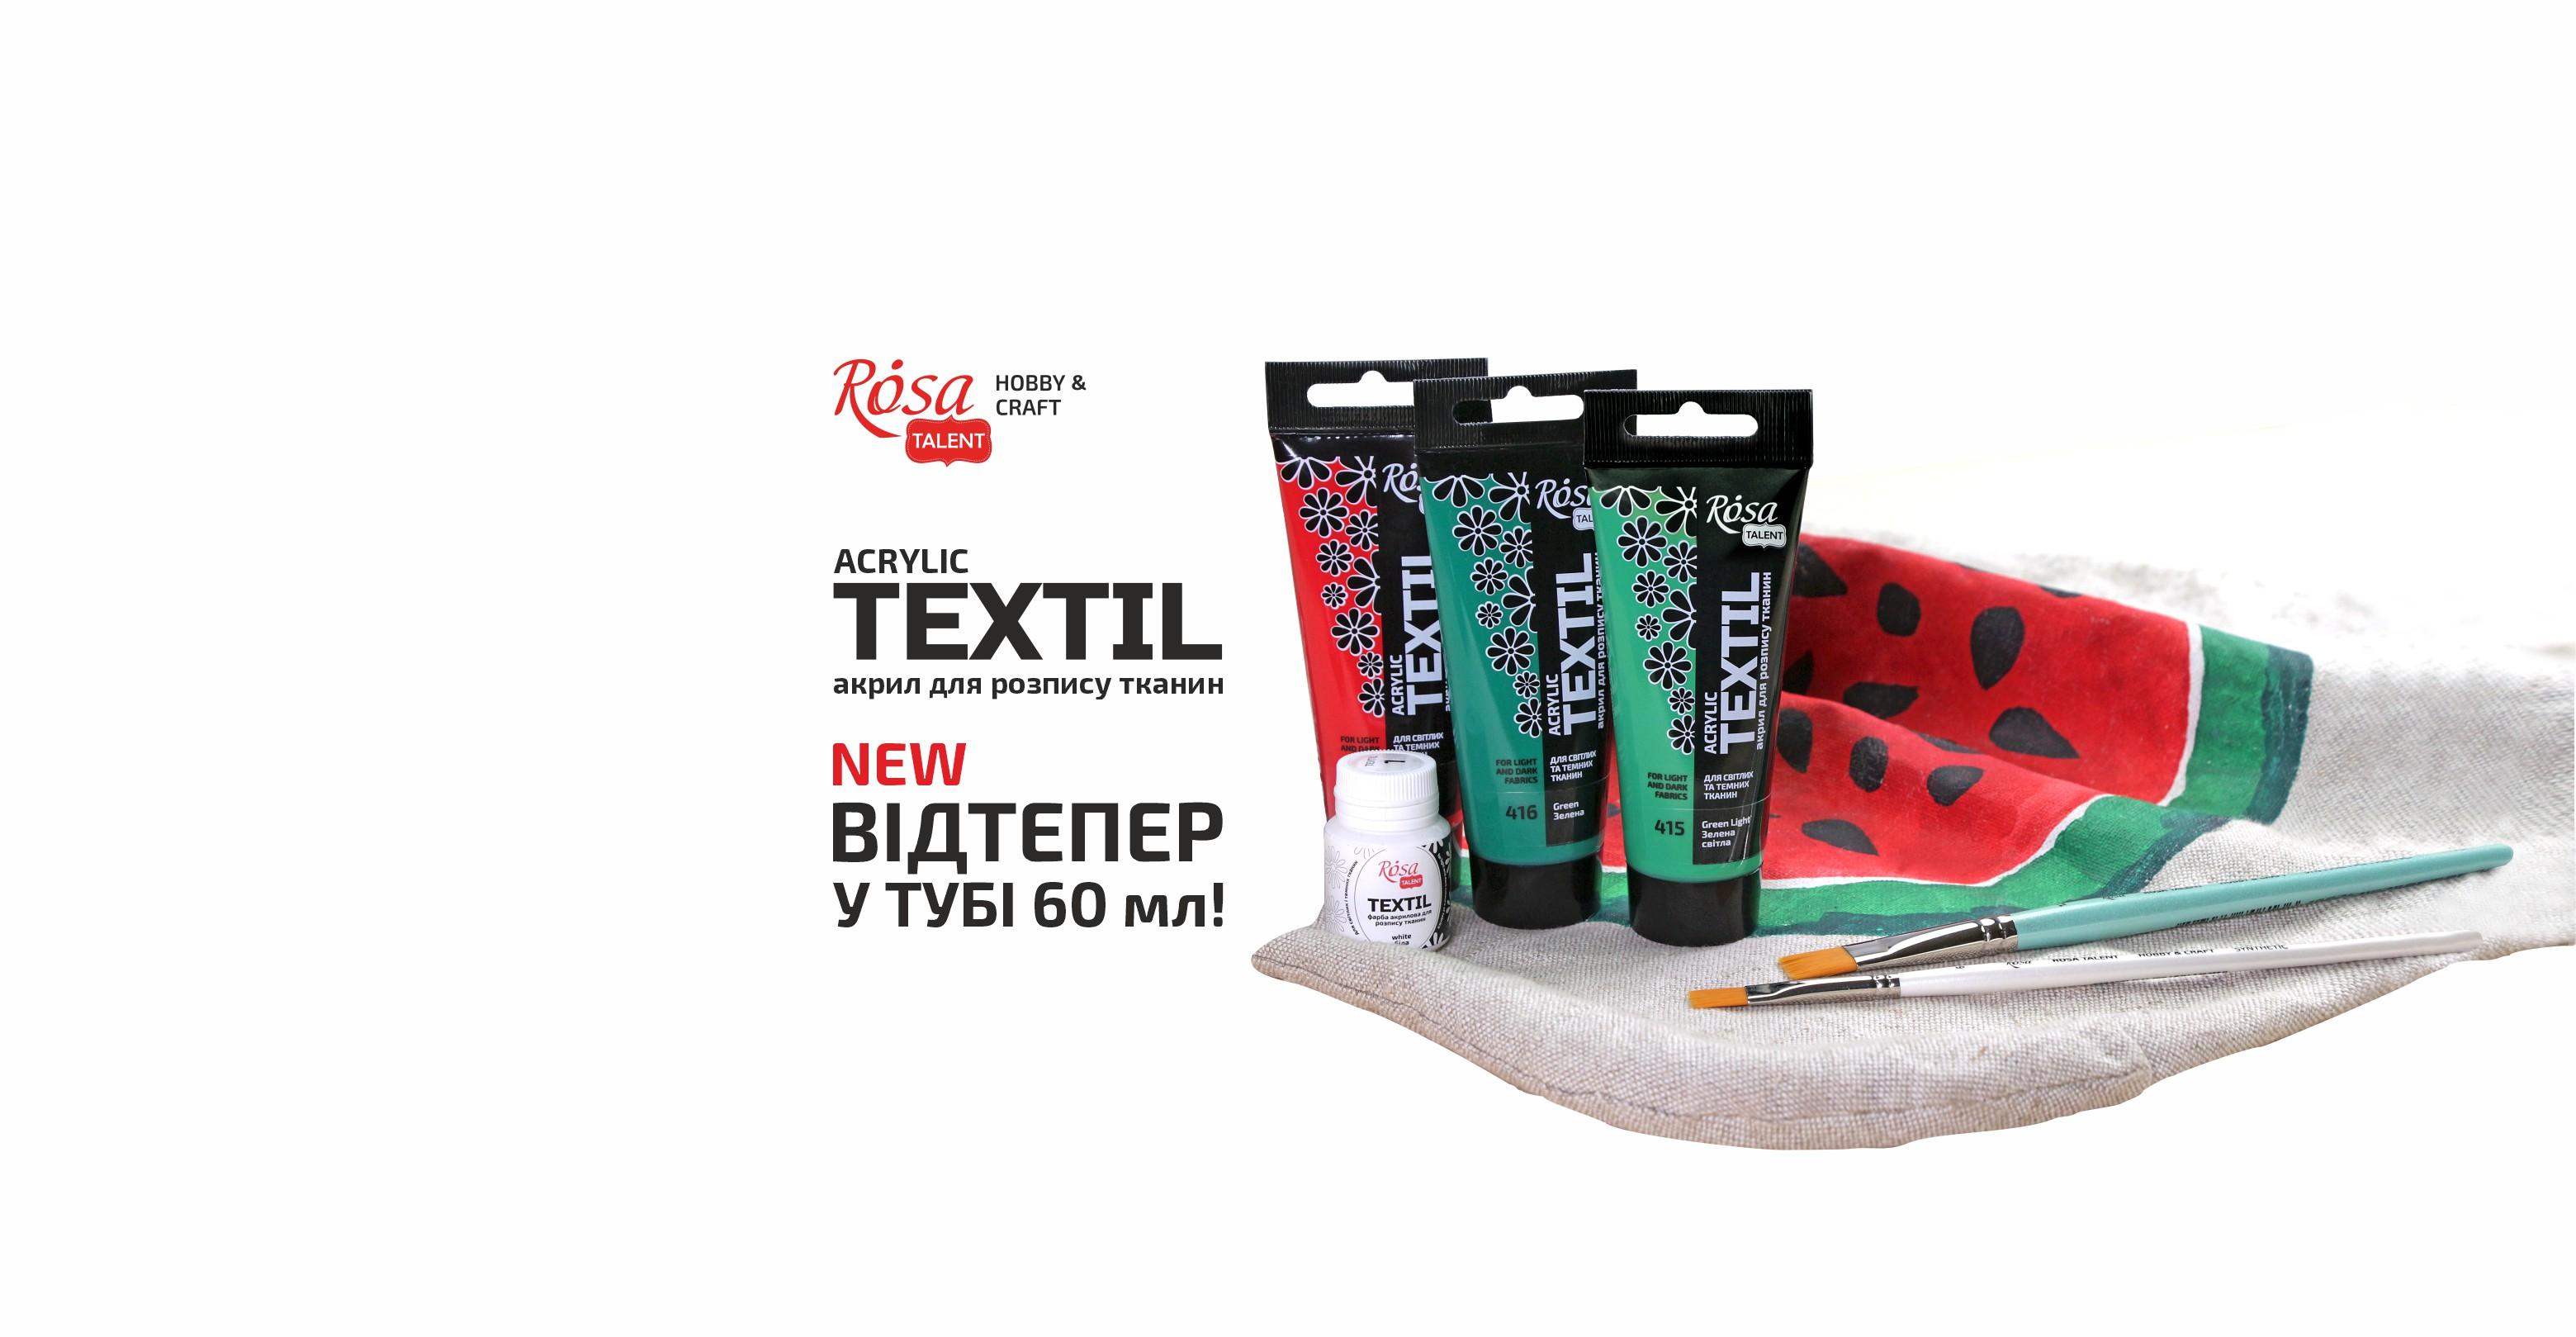 Акрилові фарби по тканині ROSA TALENT